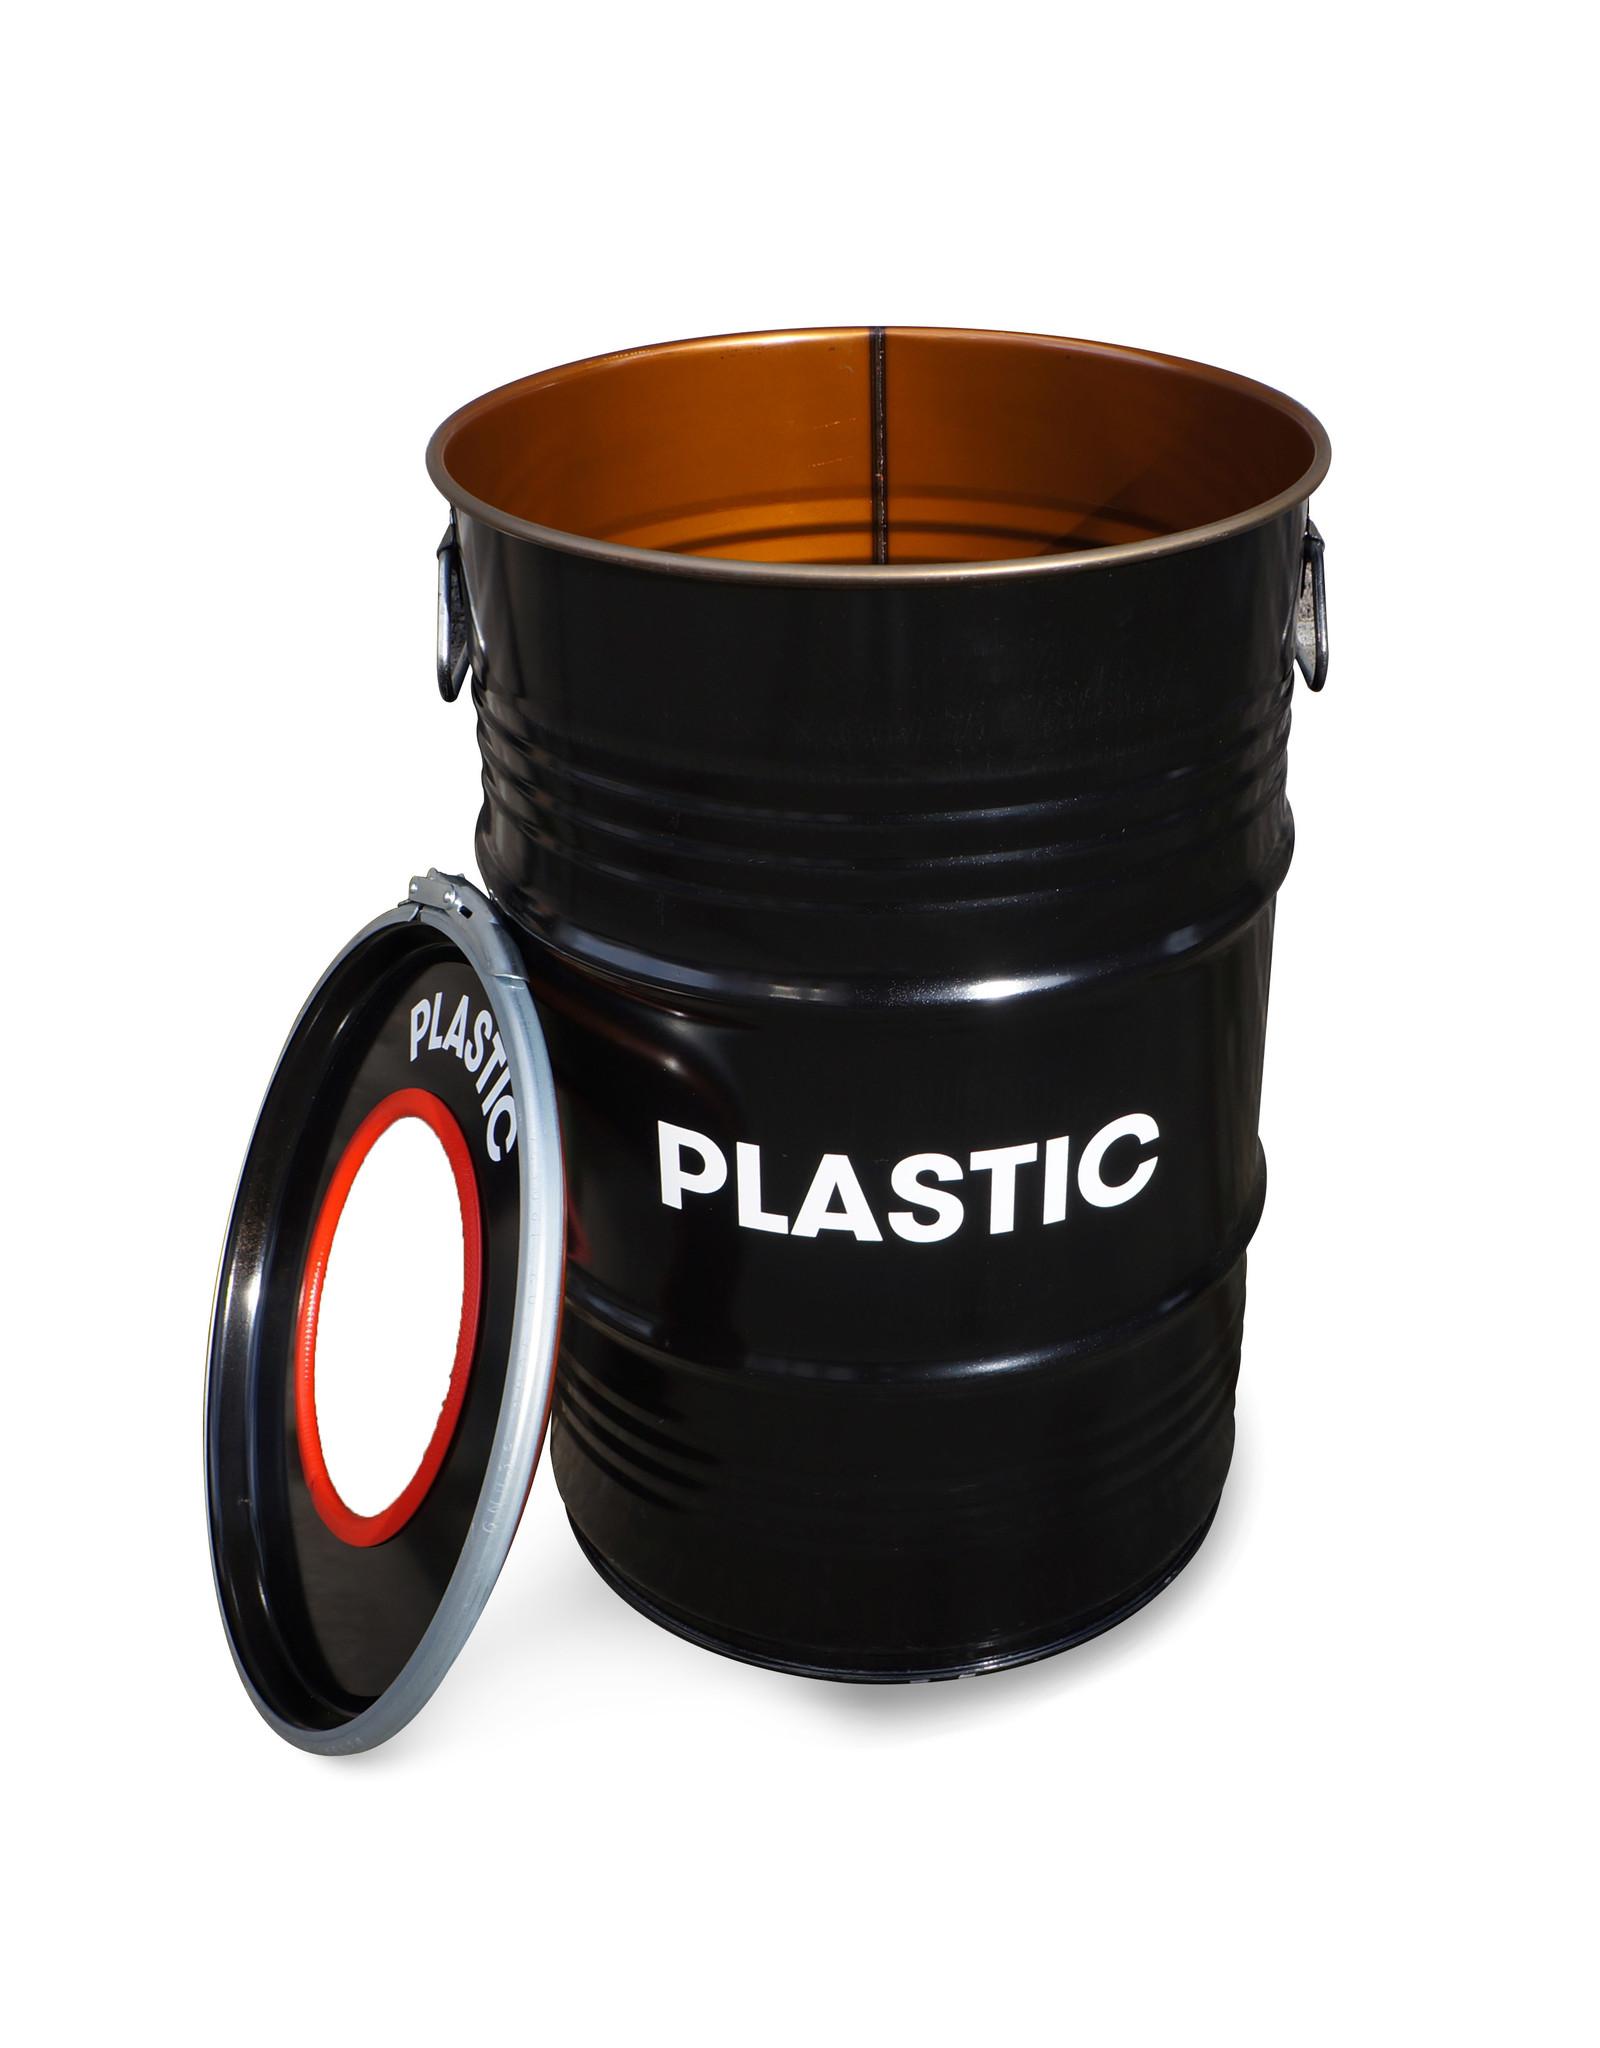 The Binbin BinBin Hole Plastik industrieller Mülleimer Abfalltrennung 60 Liter Ölfass für Kunststoffabfälle